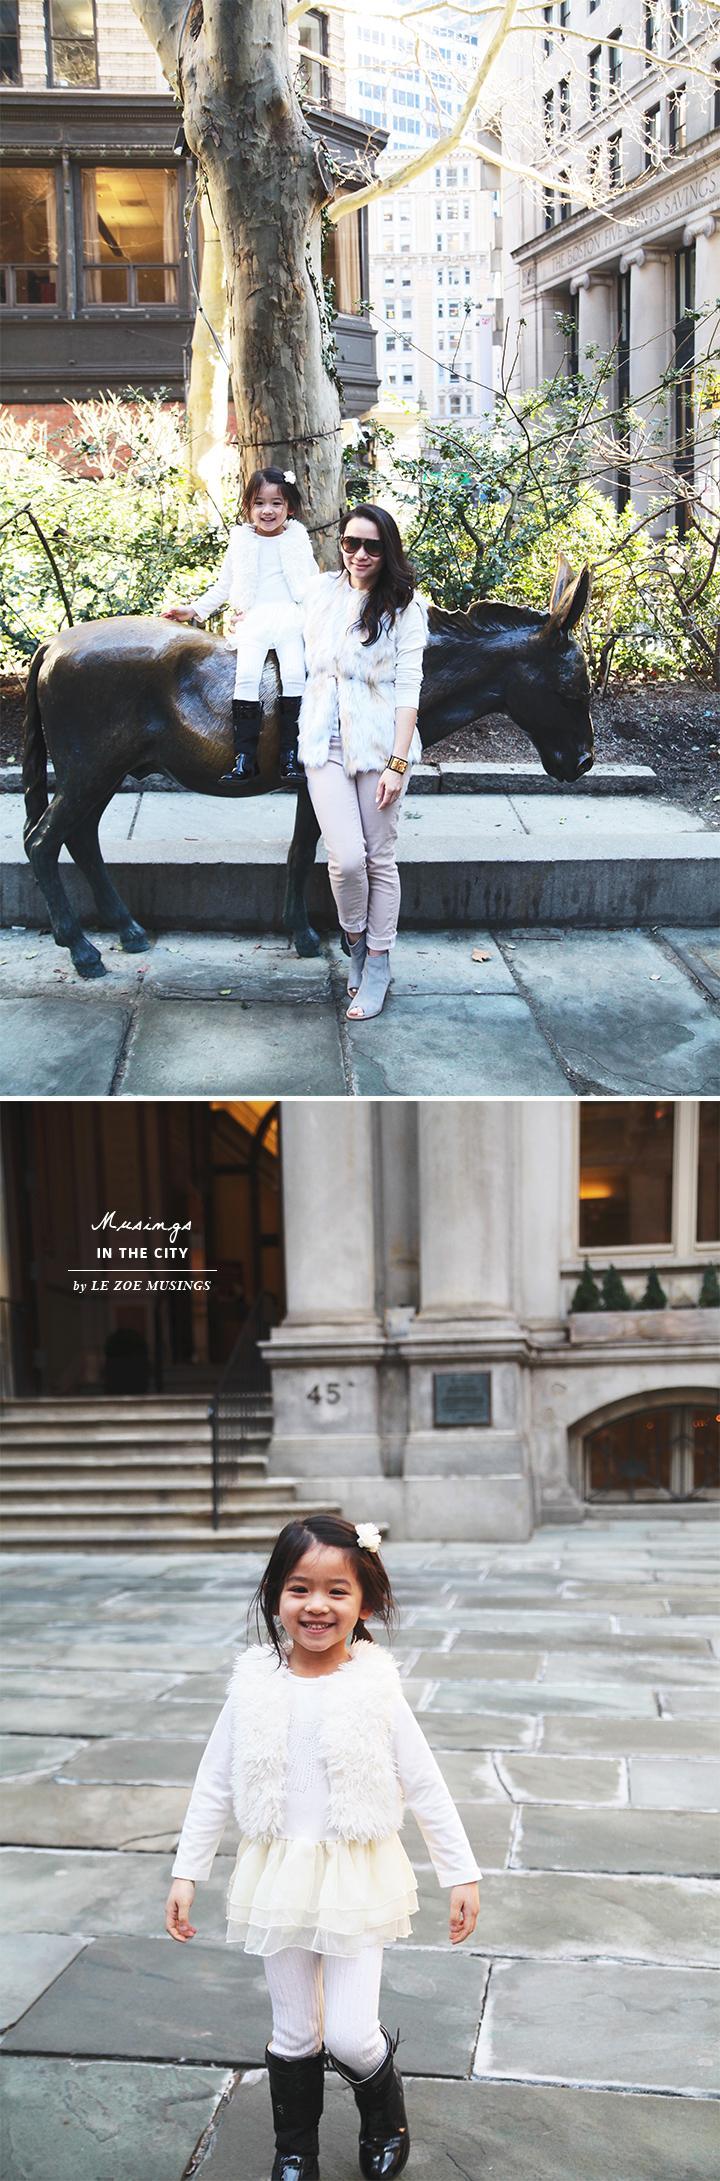 CityLife_Le Zoe Musings3